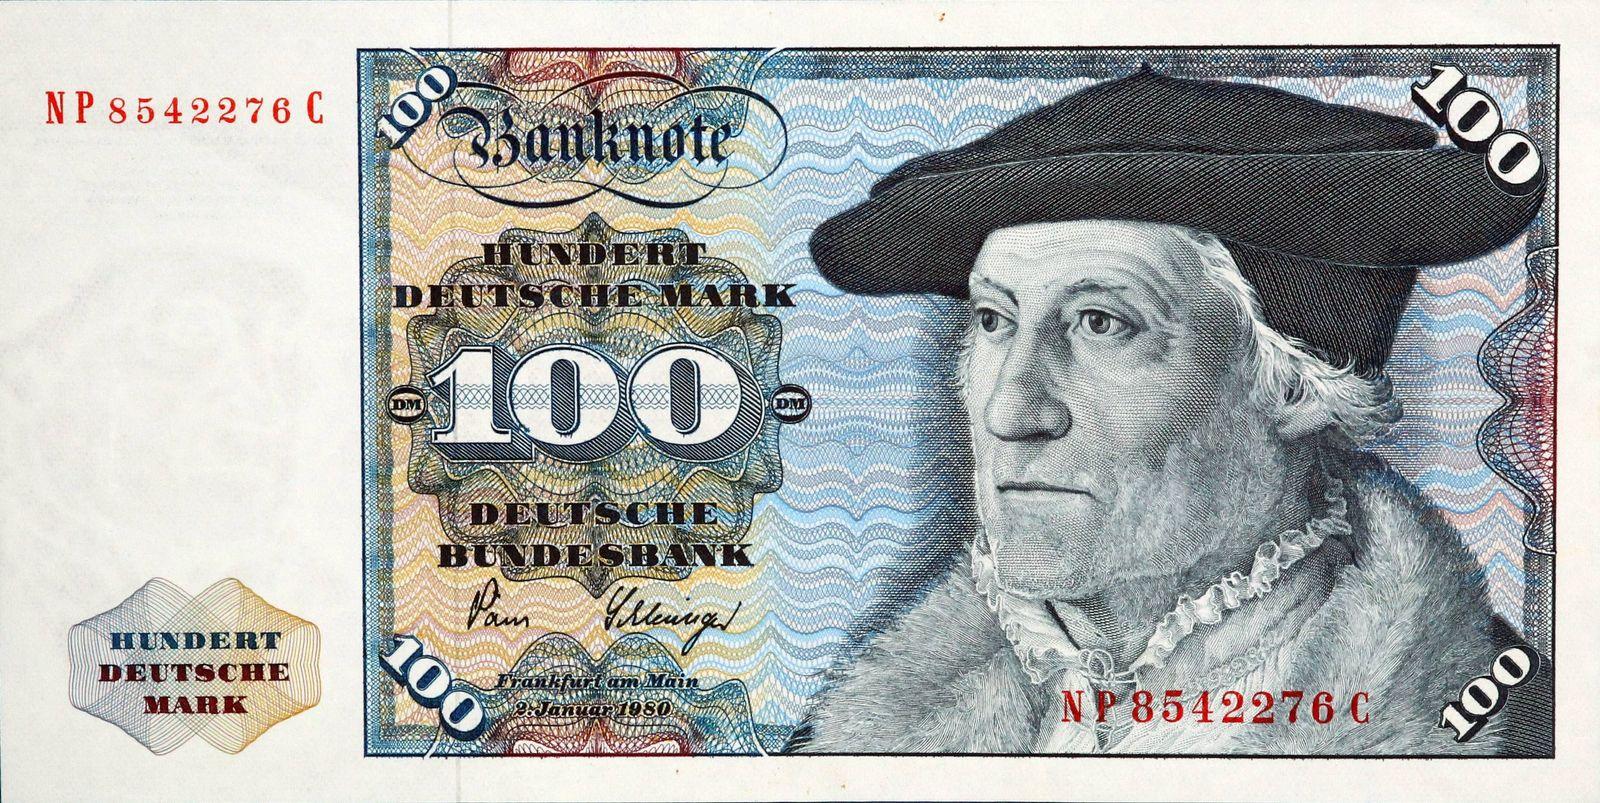 EINMALIGE VERWENDUNG Banknote/ 100 Deutsche Mark/